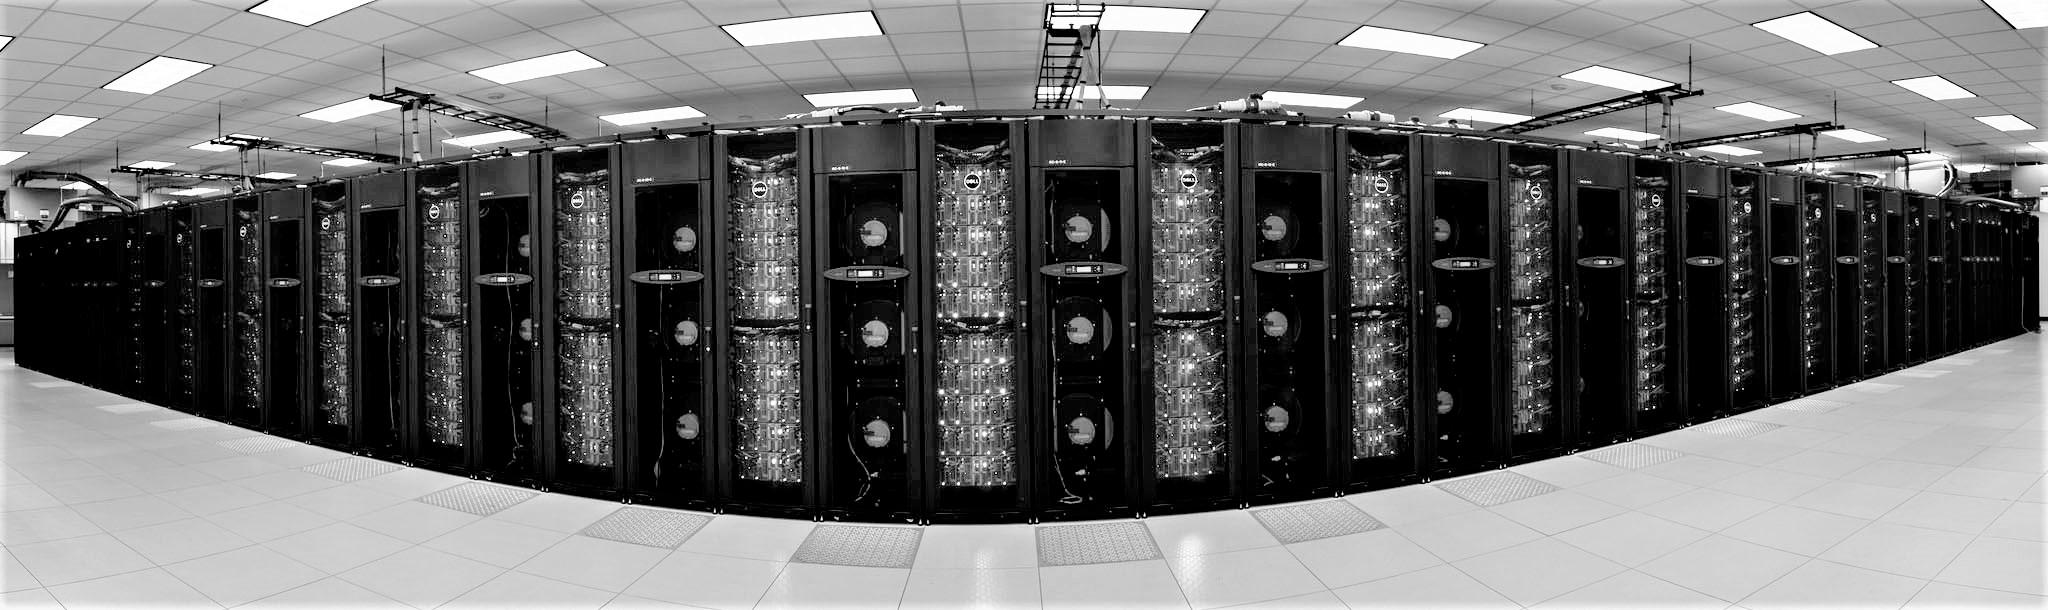 Мощные суперкомпьютеры в мире